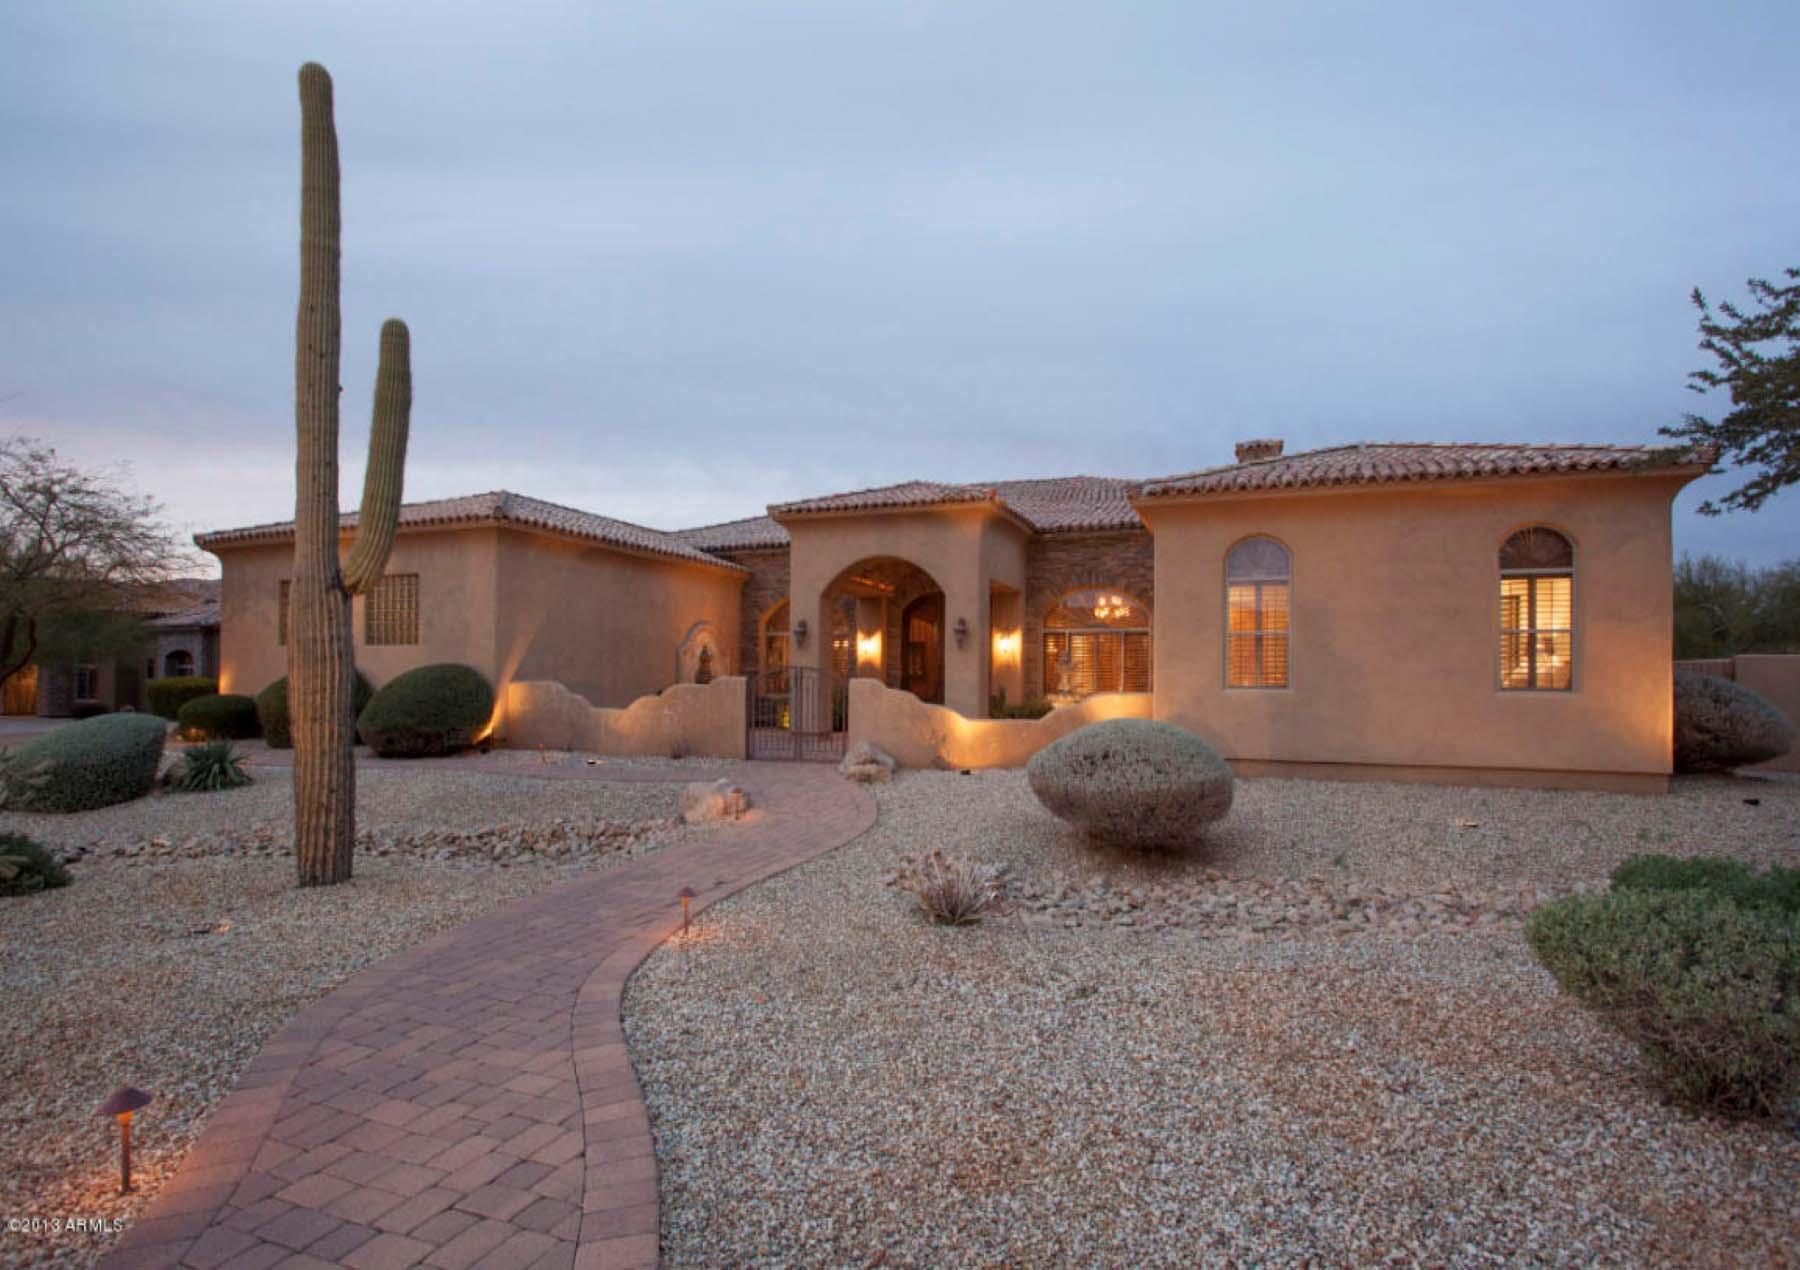 Casa Unifamiliar por un Venta en Tuscan inspired custom home. 6828 E Monterra Way Scottsdale, Arizona 85266 Estados Unidos